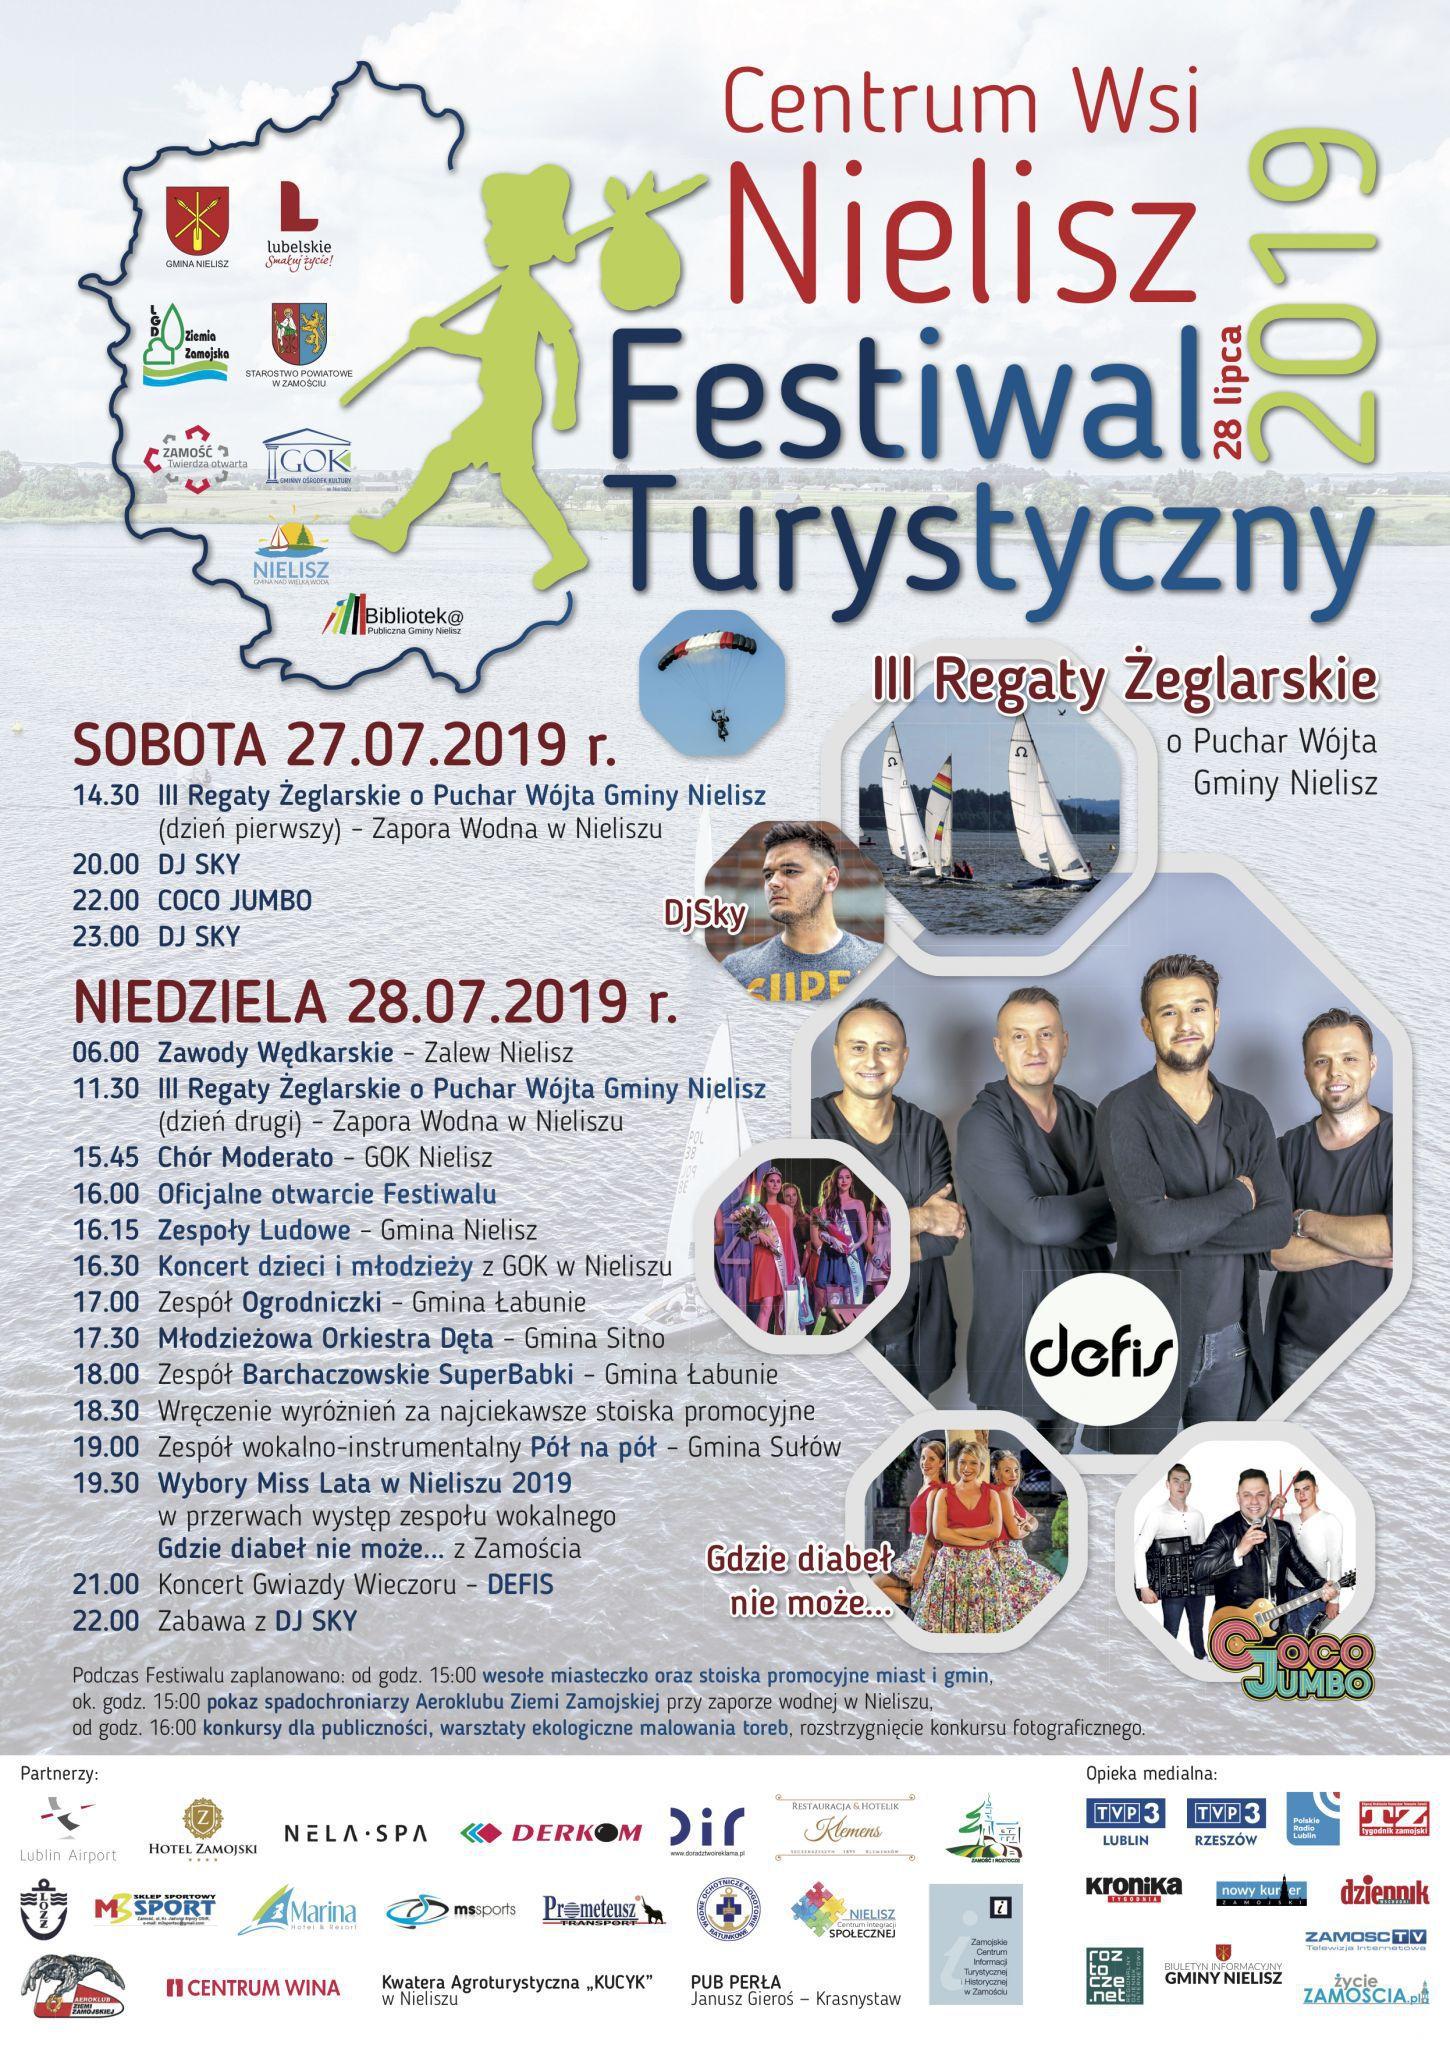 nielisz festiwal 2019 plakat a2 do druku final Regaty Żeglarskie i Festiwal Turystyczny. Duża impreza nad zalewem w Nieliszu. Gwiazdą będzie zespół DEFIS!